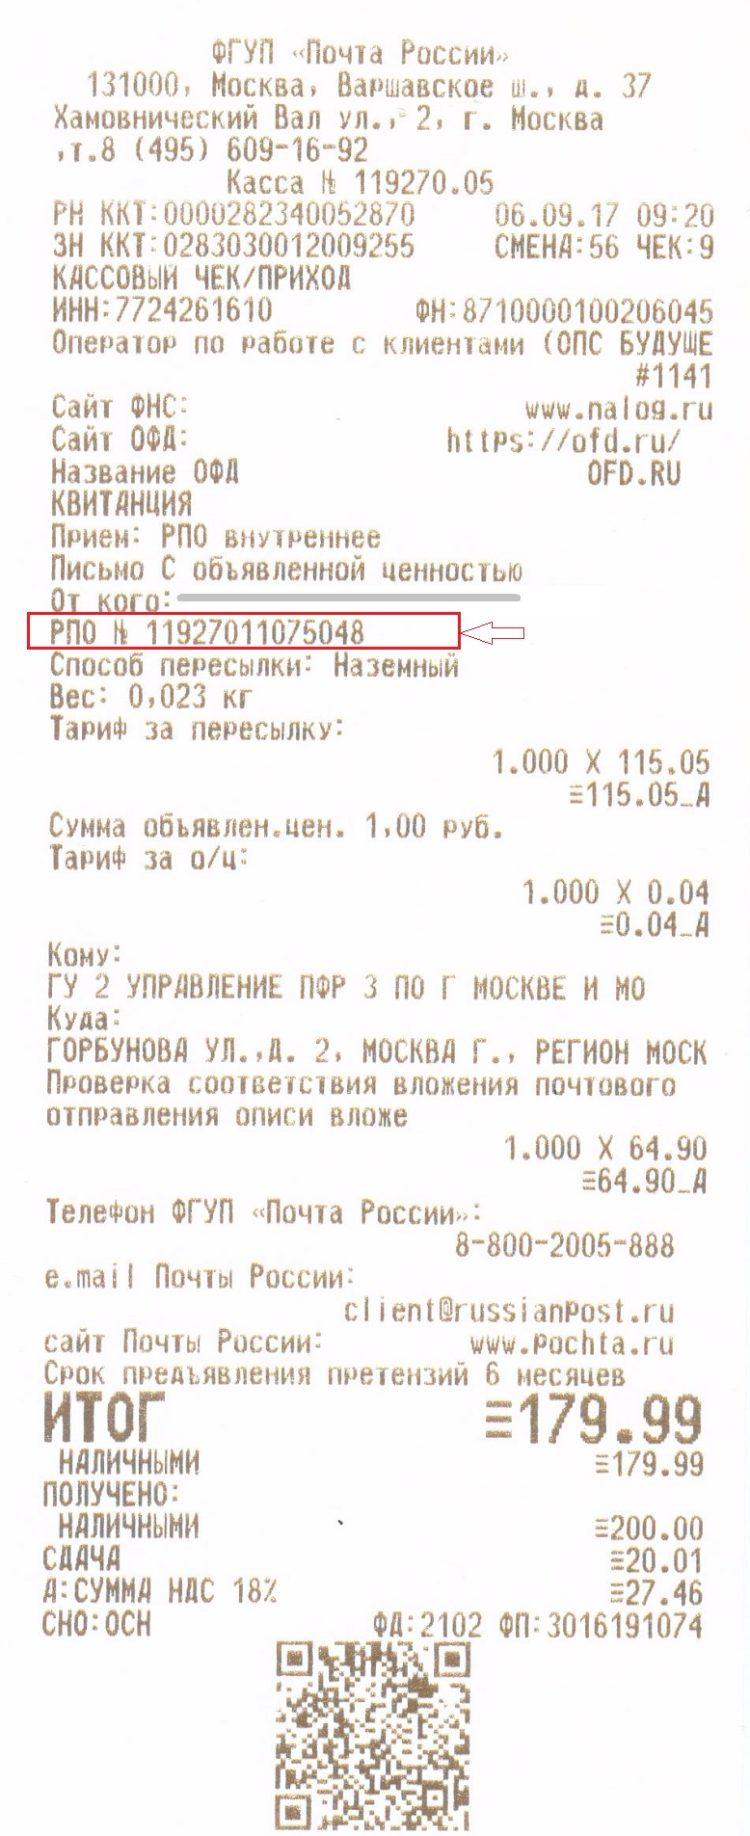 Чек, полученный в отделении Почты России, после оплаты ценного письма